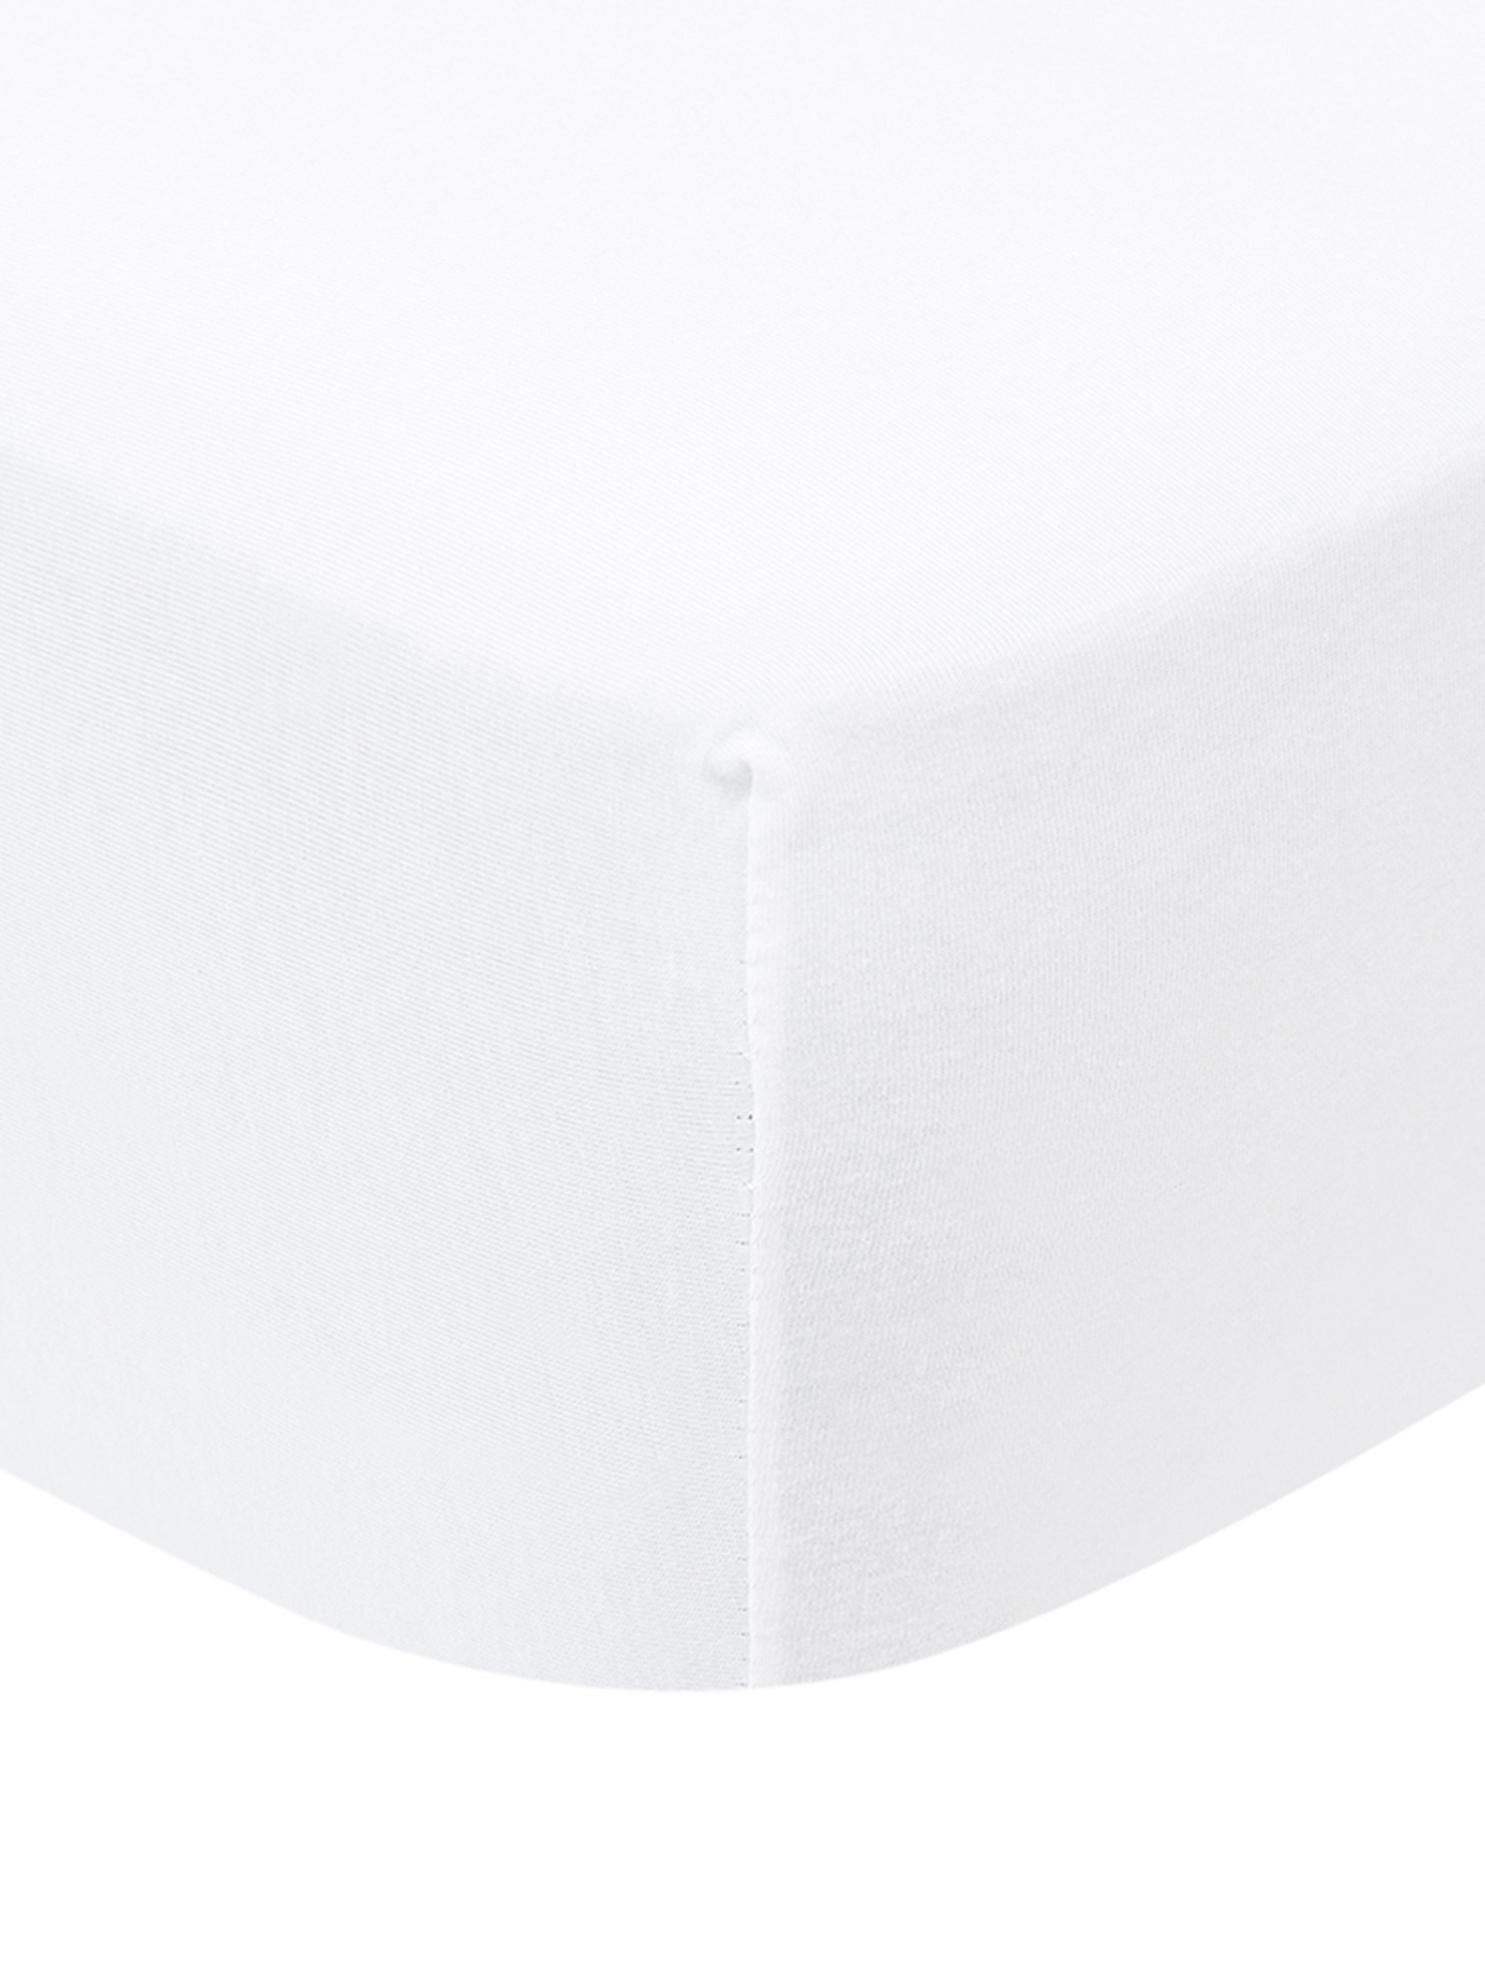 Sábana bajera para cubrecolchón de jersey con elastano Lara, 95%algodón, 5%elastano, Blanco, Cama 90 cm (90-100 x 200 cm)